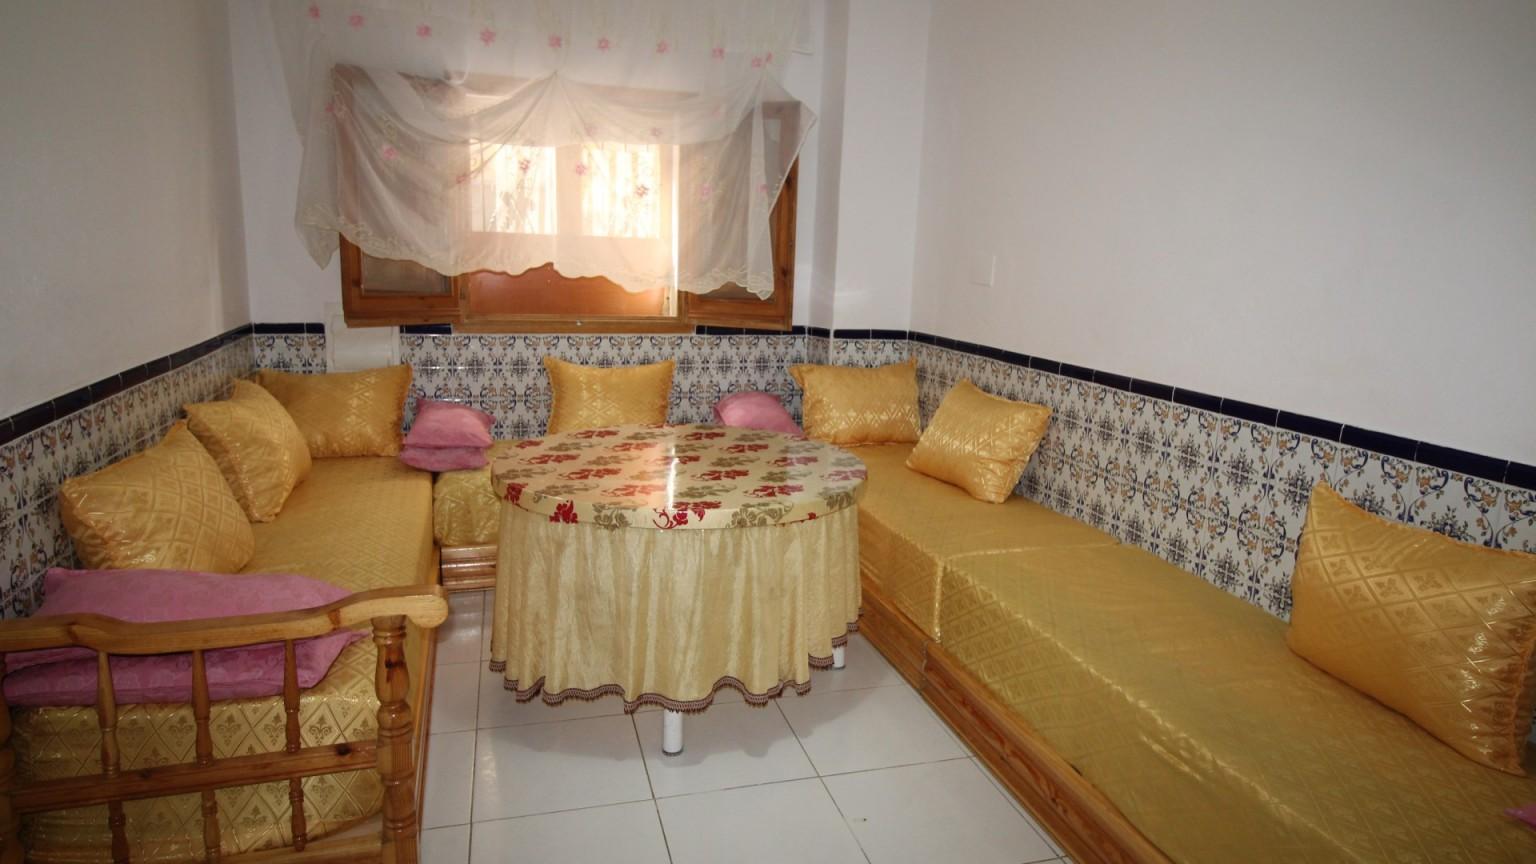 Casa adosada en venta, de 4 habitaciones, con terraza, en Vilafant.